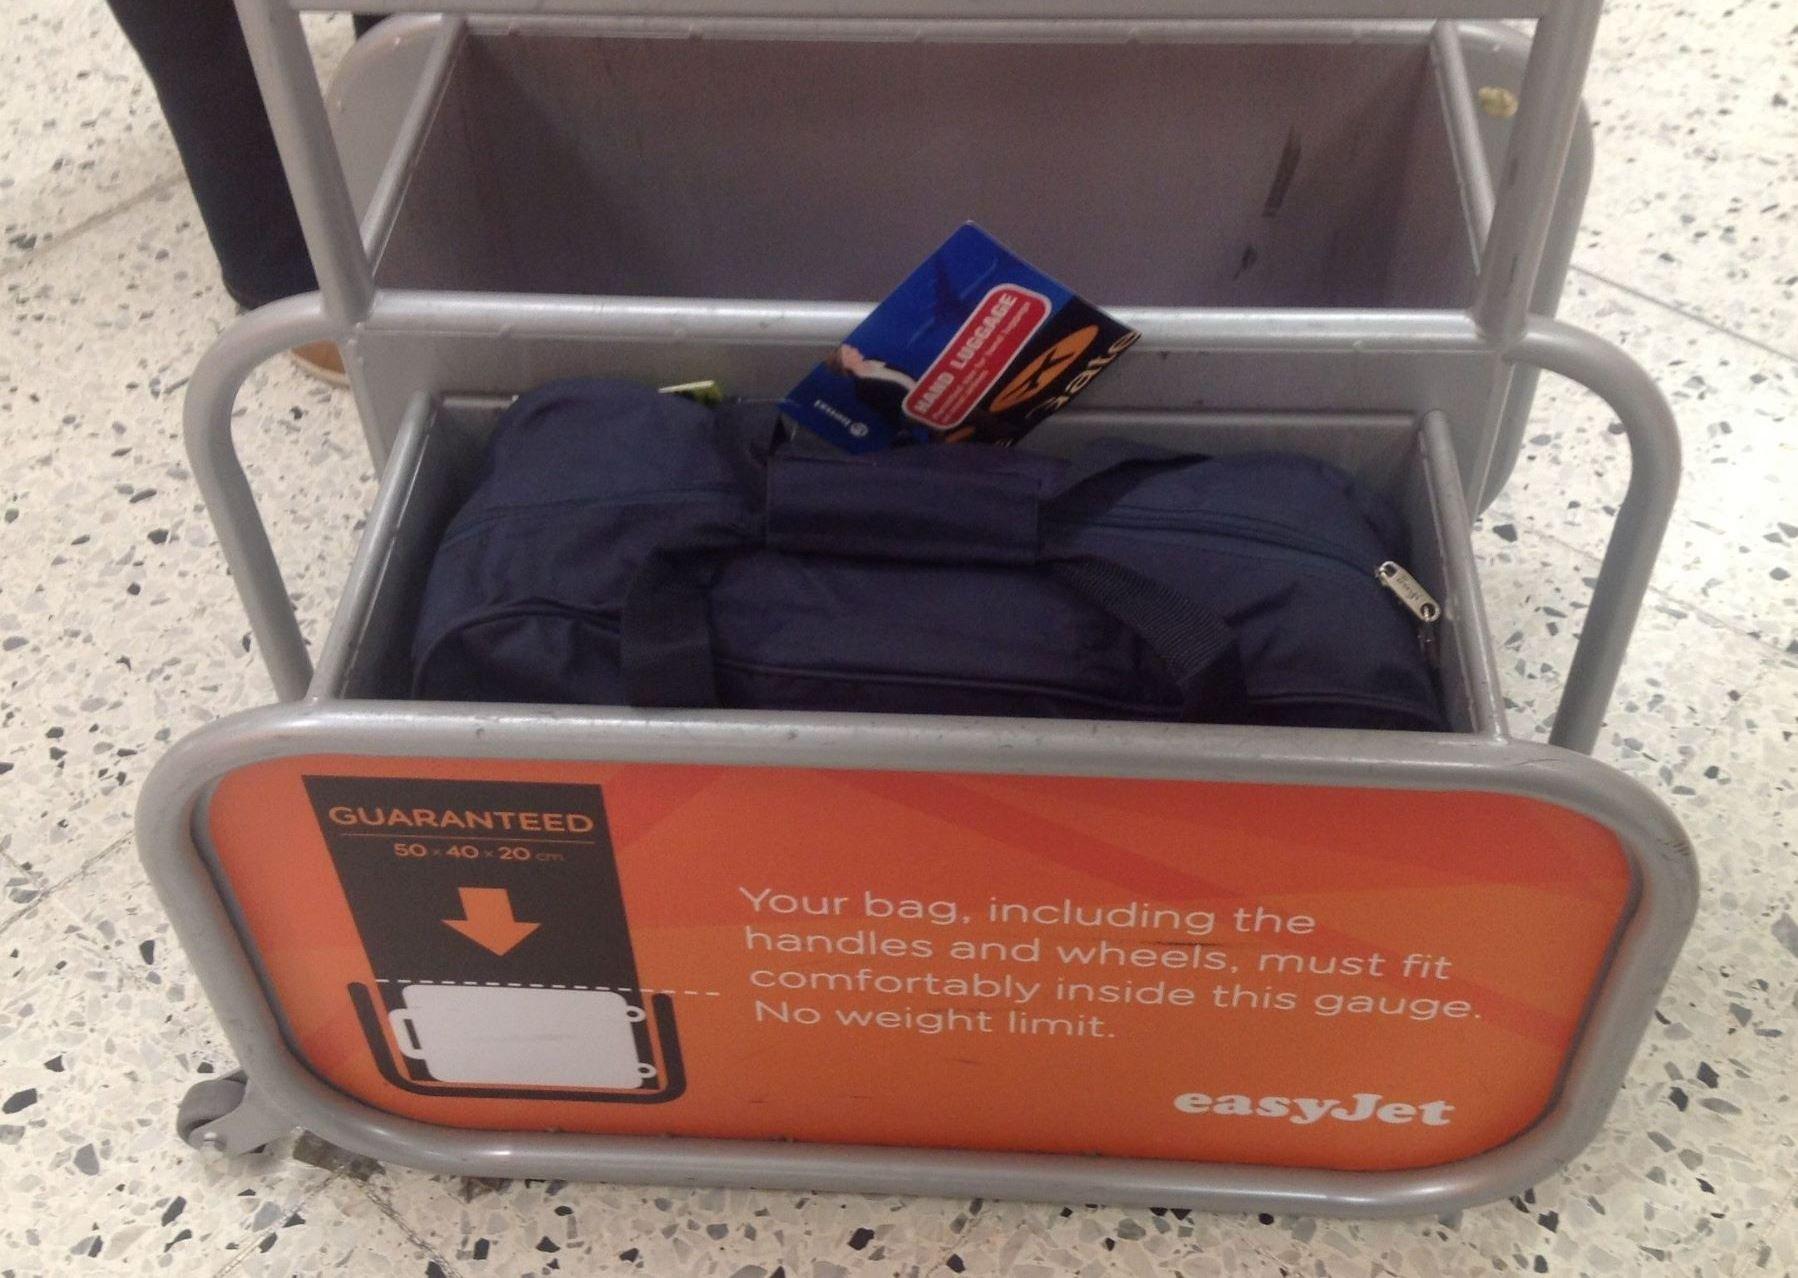 Куда сложить ручную кладь  Сумка, рюкзак и чемодан для ручной клади ... 67e924d187c